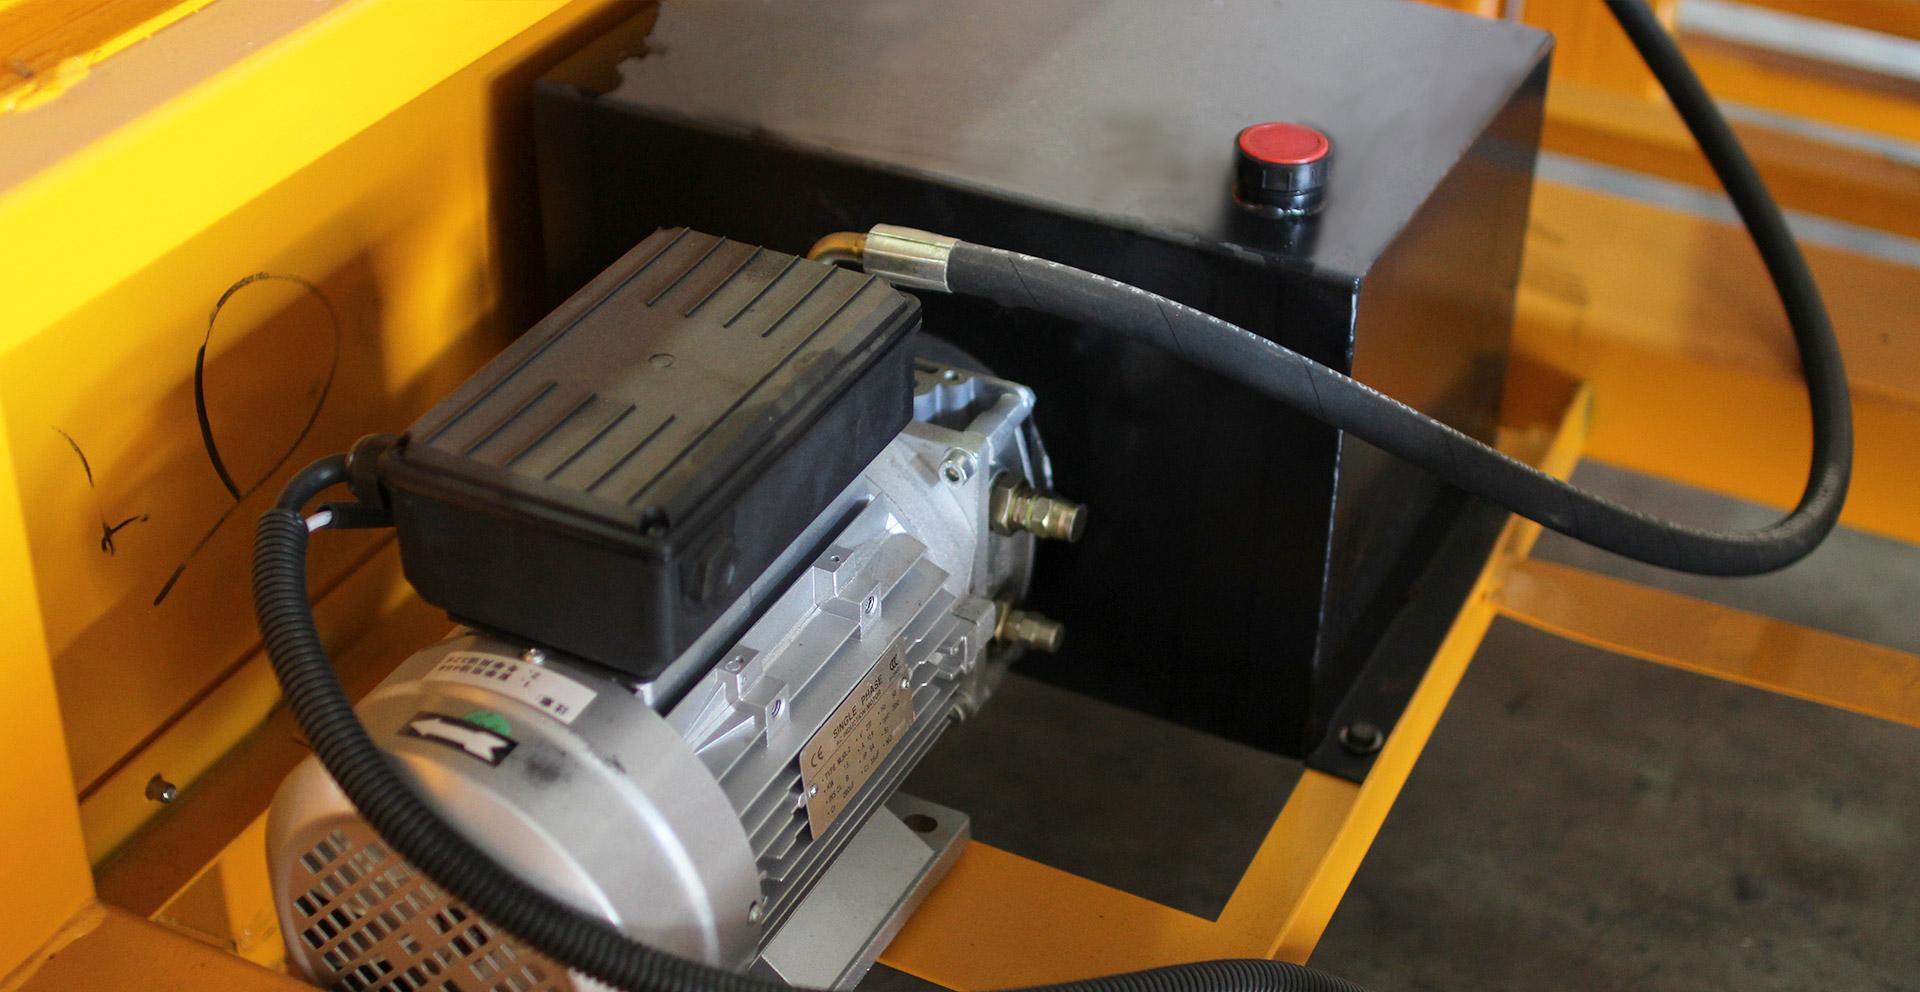 มอเตอร์ทองแดง-รถ-Xlift-ลิฟท์ขากรรไกร-มาตรฐาน